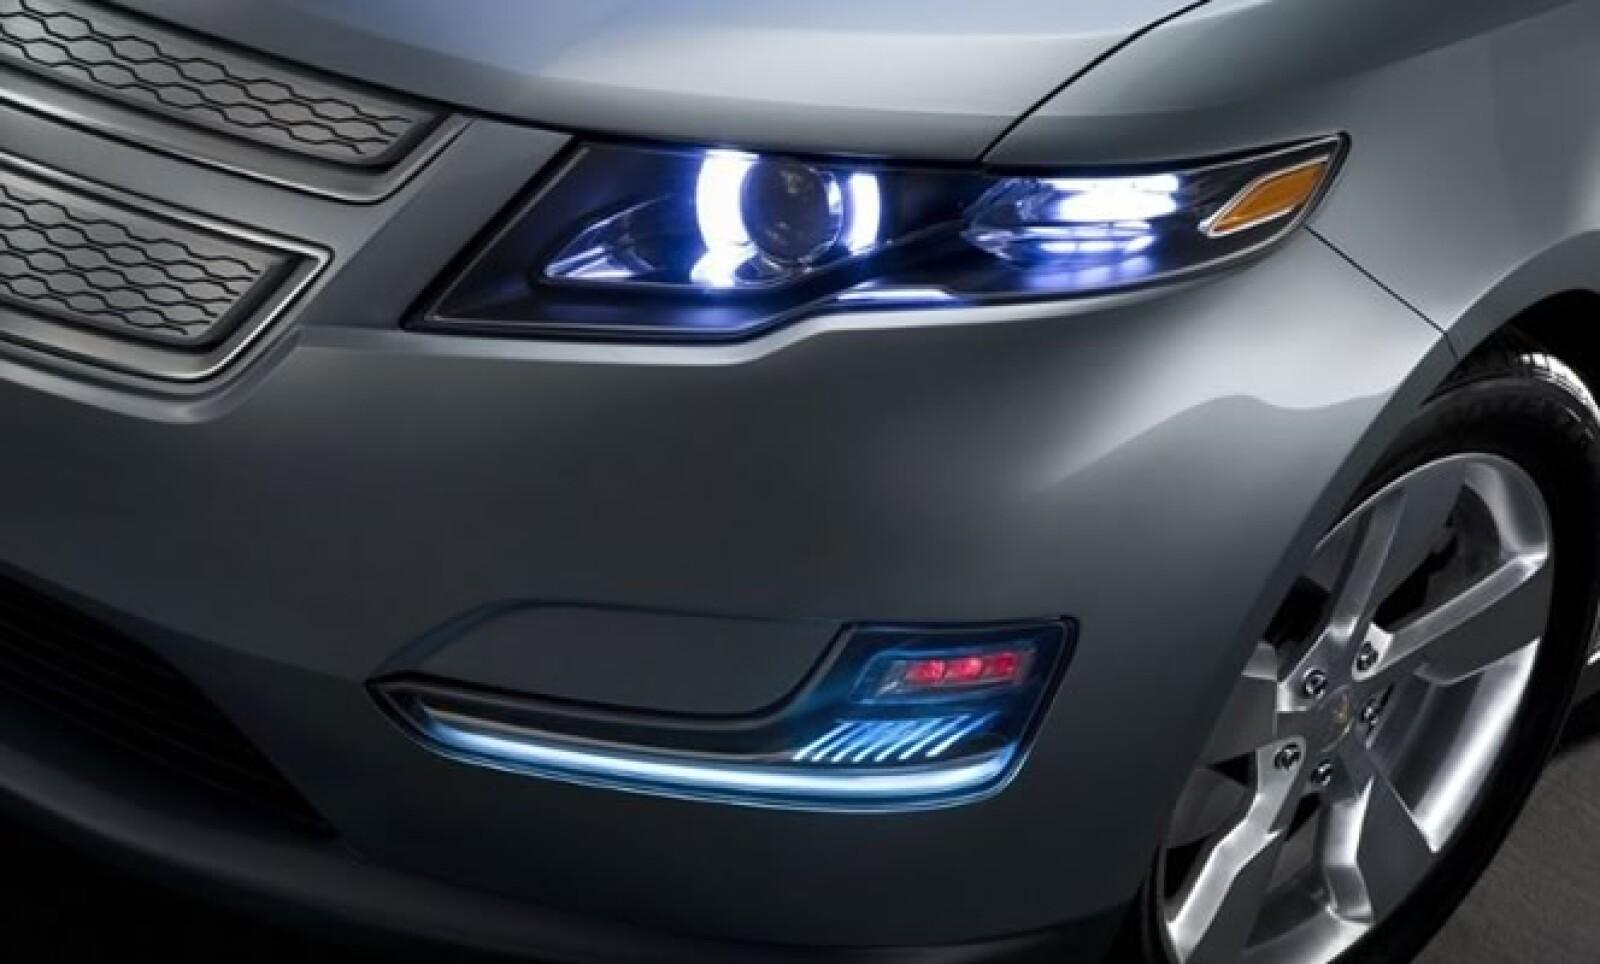 El Chevrolet Volt iniciará su comercialización en mercados como Europa y China a fines de 2011.